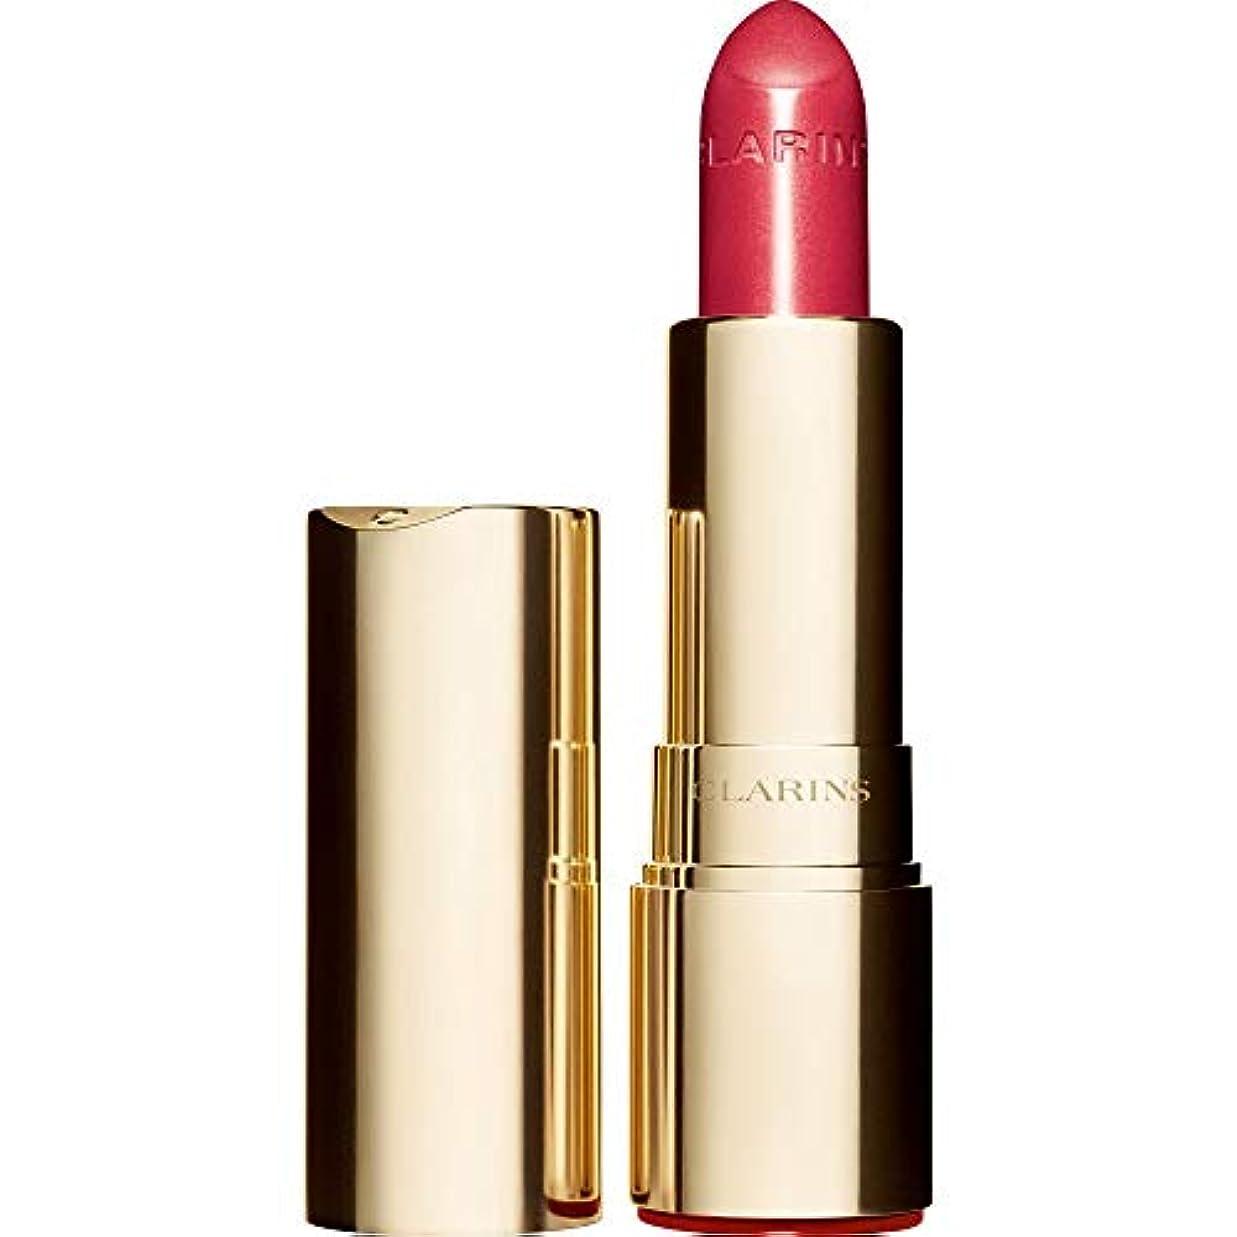 雹委任散文[Clarins ] クラランスジョリルージュブリリアント口紅3.5グラムの756S - グアバ - Clarins Joli Rouge Brillant Lipstick 3.5g 756S - Guava [並行輸入品]